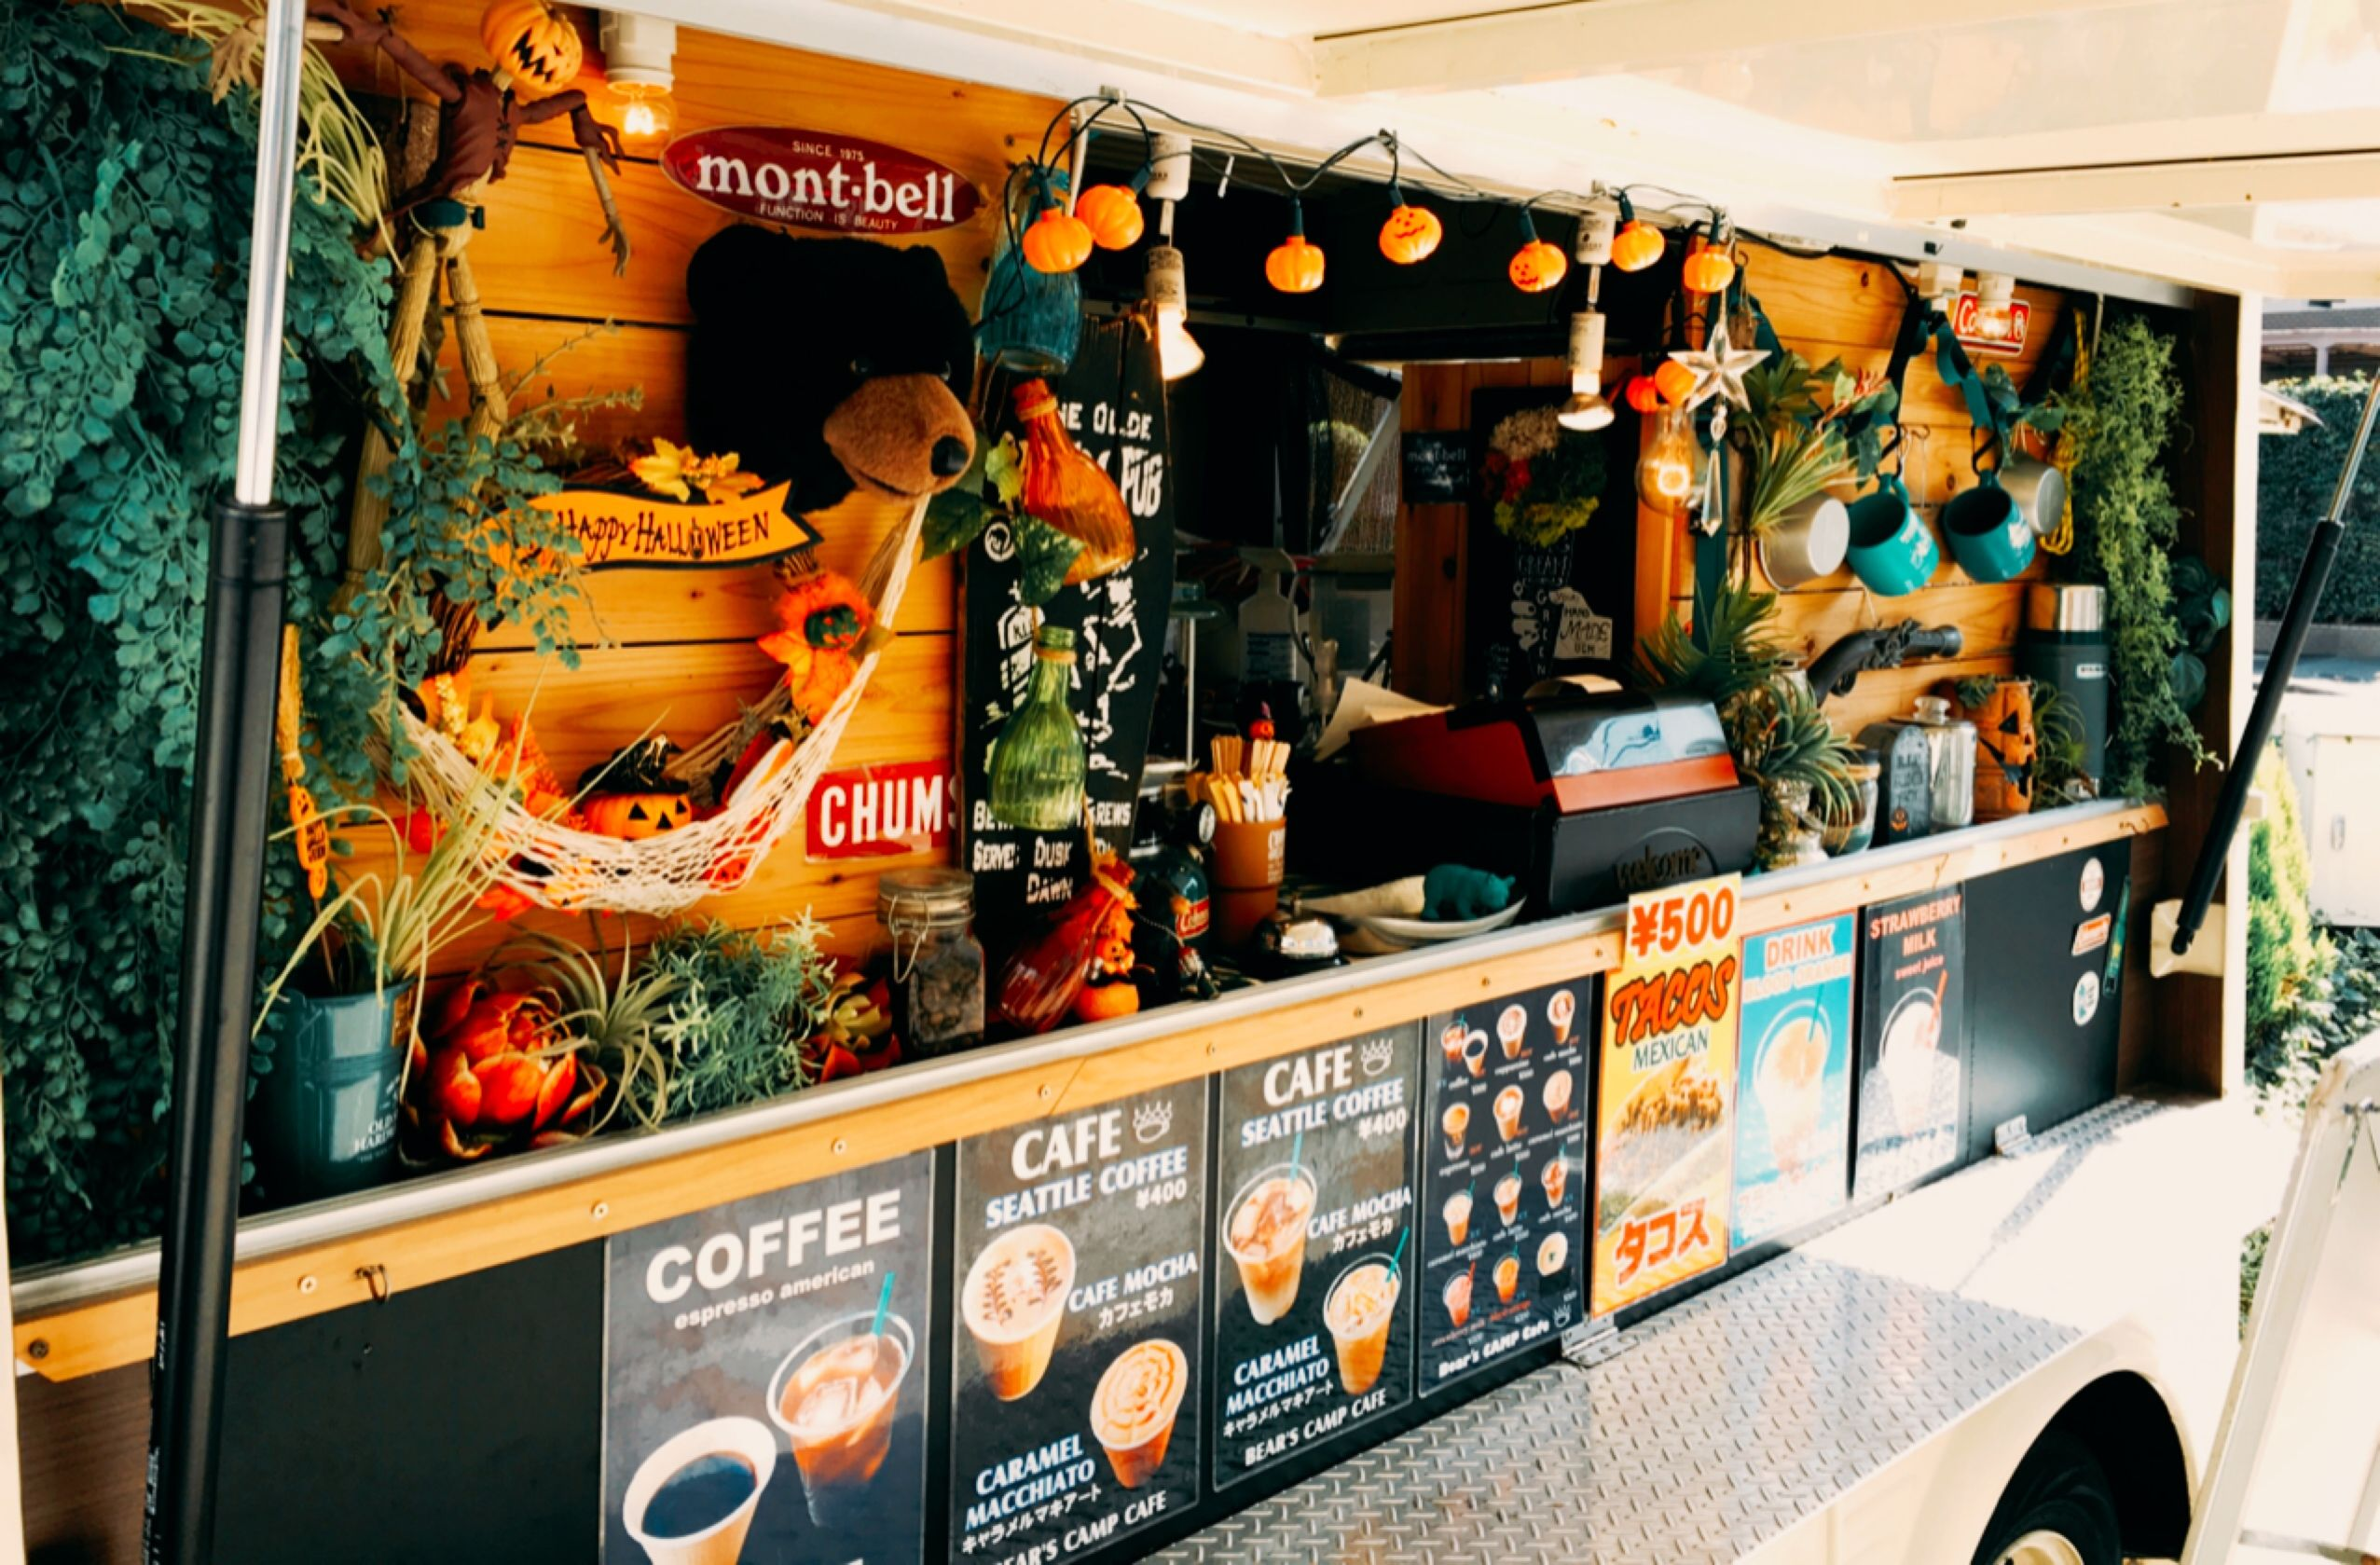 Bear S Camp Cafe フードトラック キッチンカー コーヒー